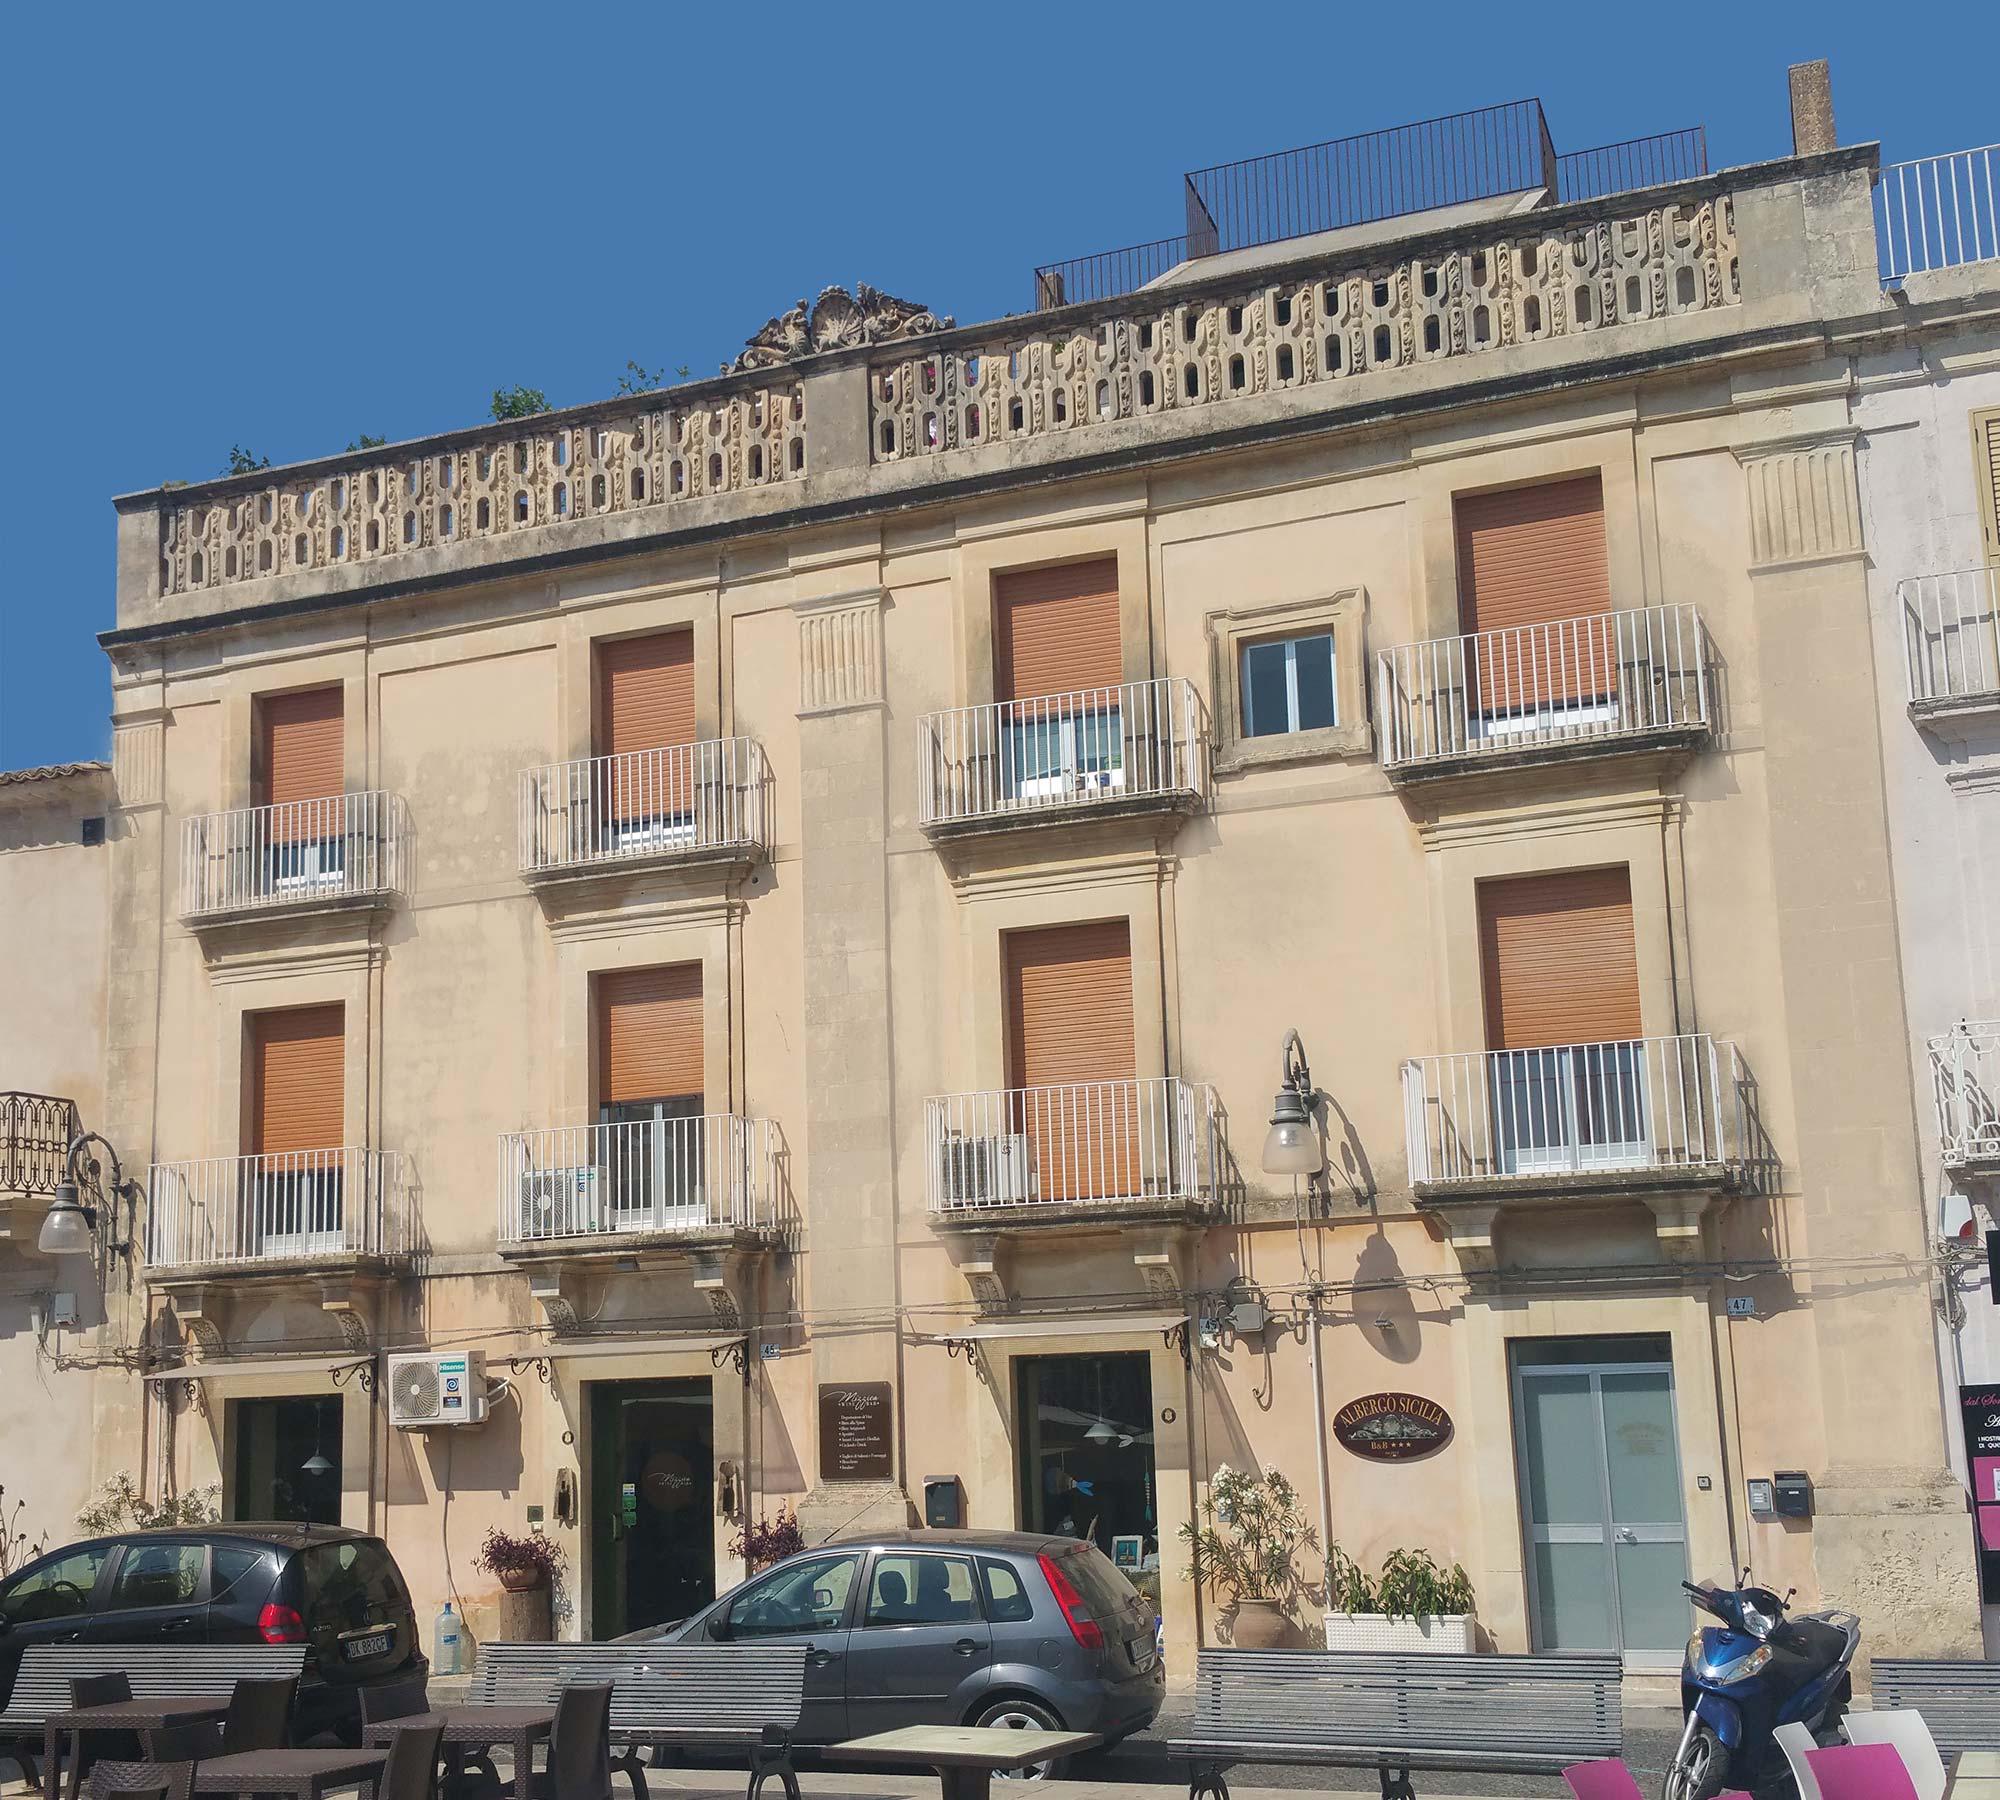 Hotel_Sicilia_Avola_B&B_Avola_Albergo_Sicilia_Piazza_centro_mare_camera_Facciata_nuova